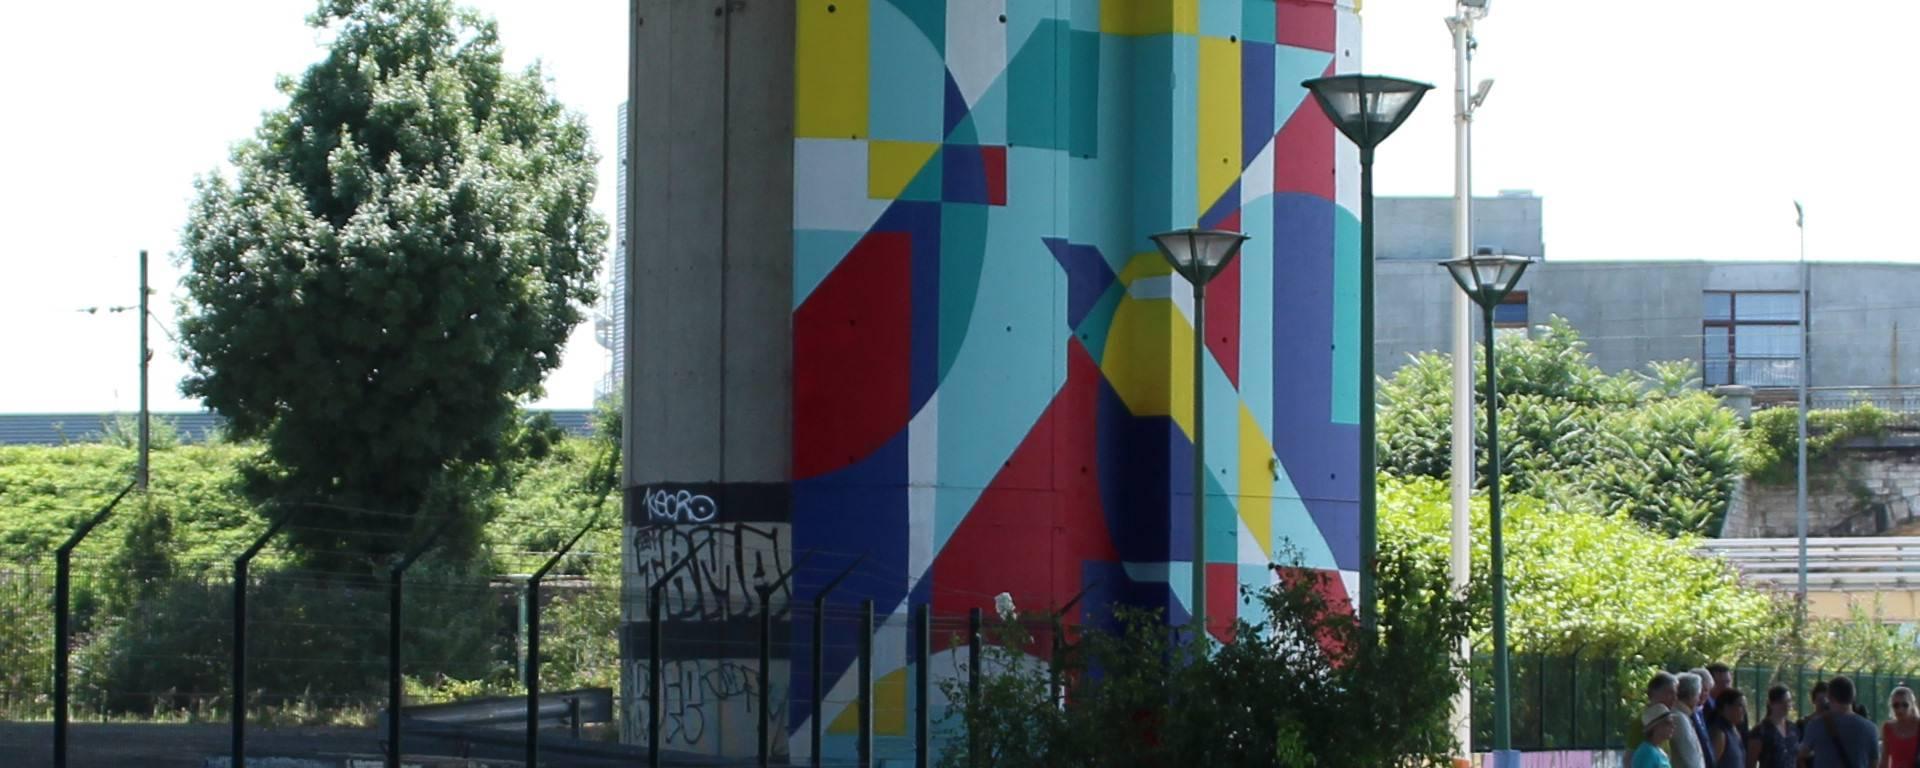 La Street Art Avenue Grand Paris sur le Canal Saint-Denis